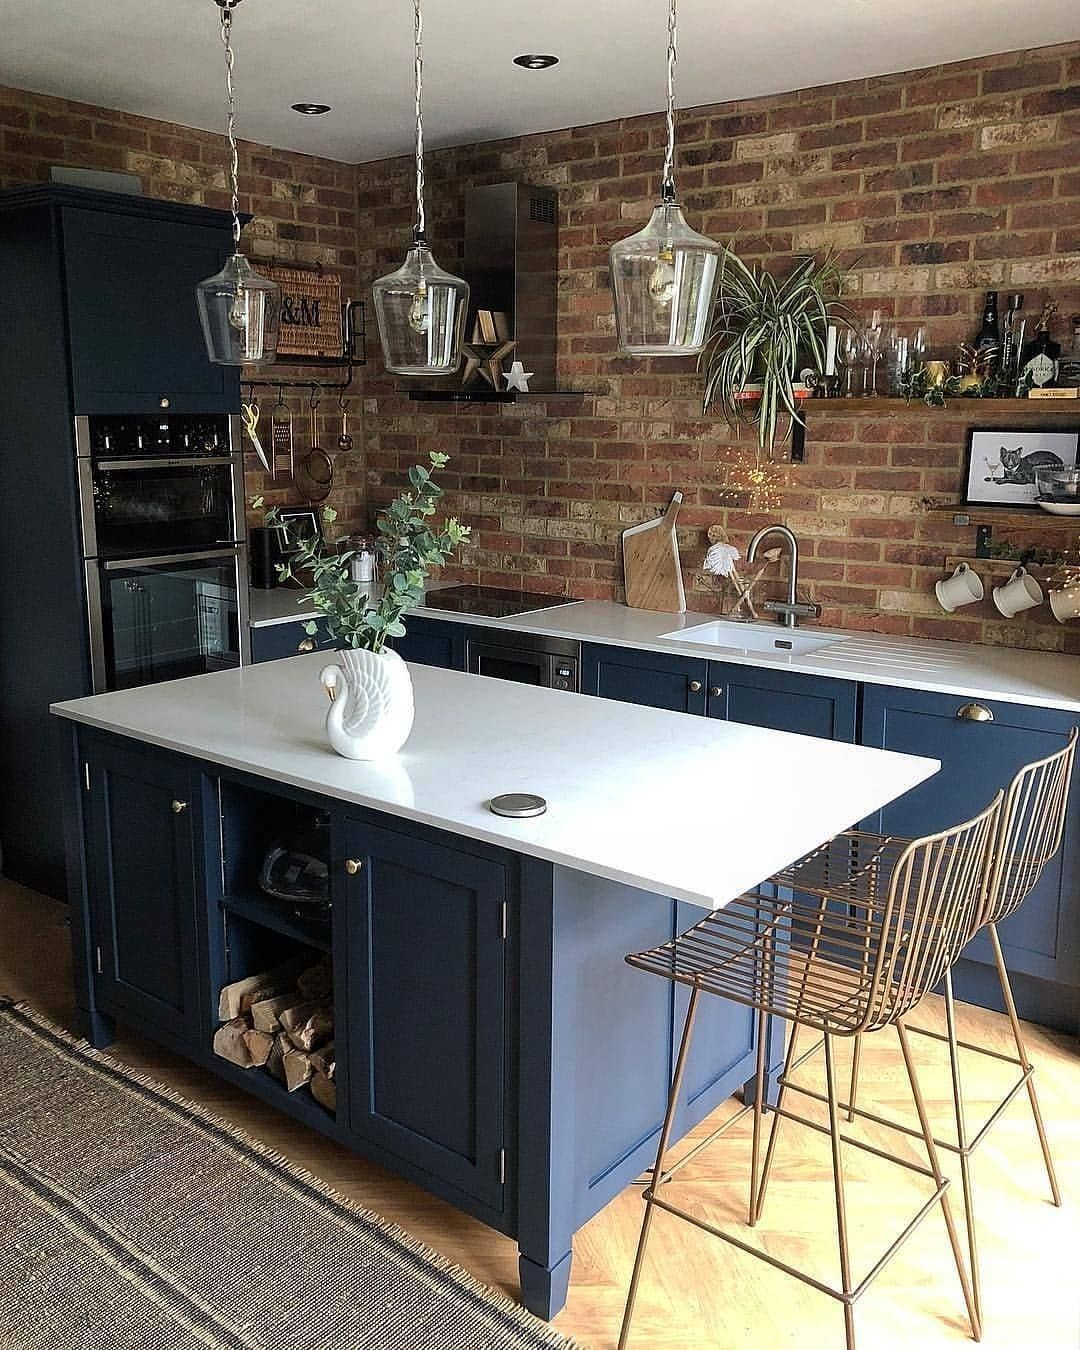 20 Goergeous Style Kitchen 2020 Trends Key Elements Design Ideas Industrial Style Kitchen As One Of The M In 2020 Haus Kuchen Kuchen Design Kuchenumgestaltung